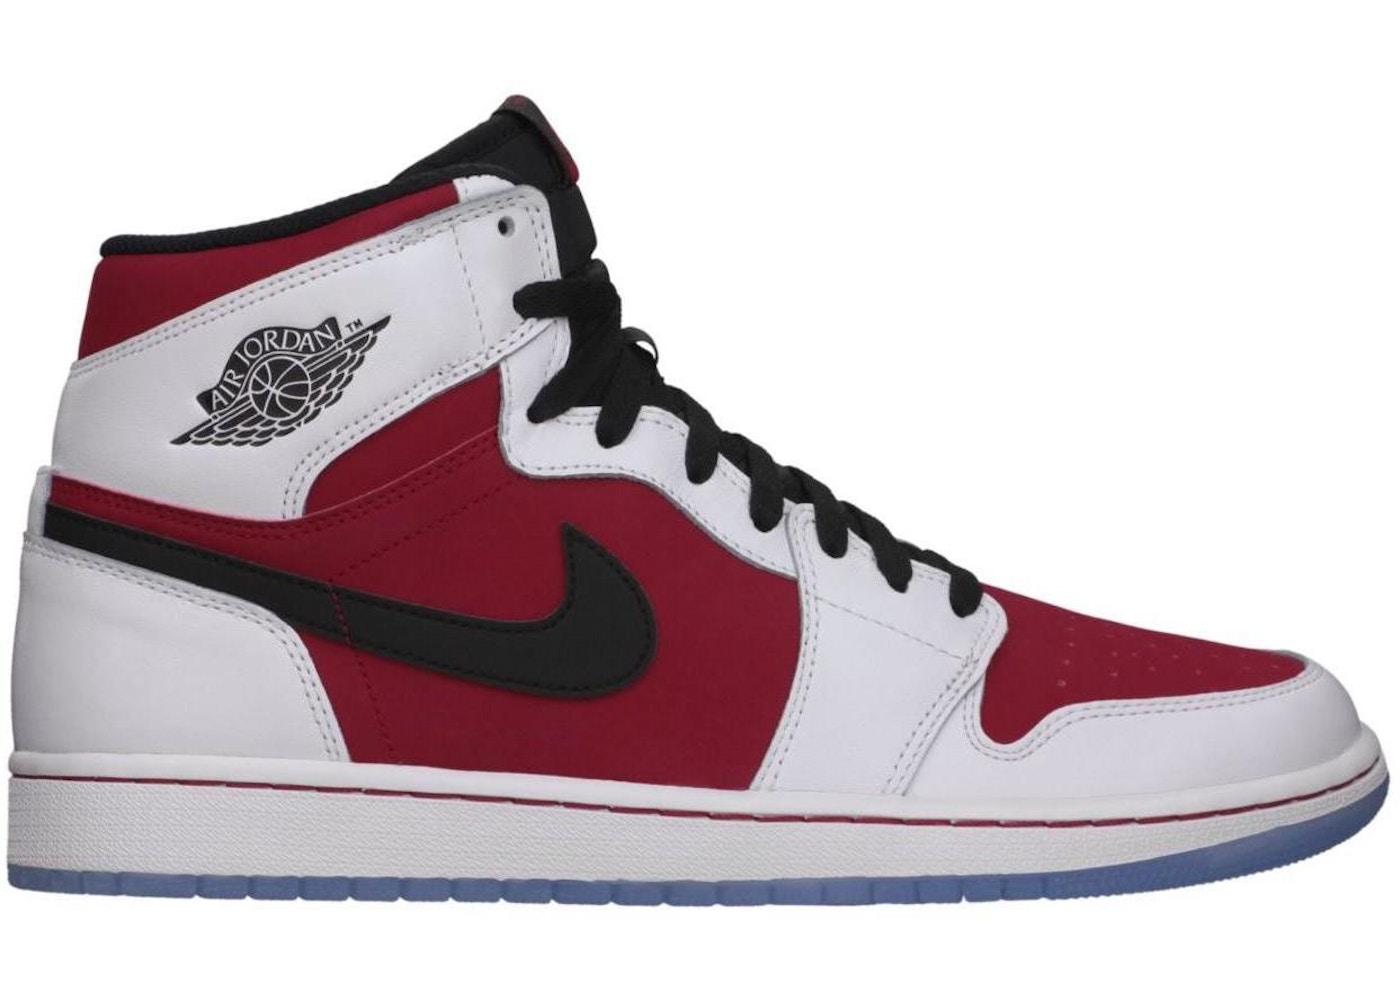 e6253c164fa Jordan 1 Retro Carmine (2014) - 555088-123